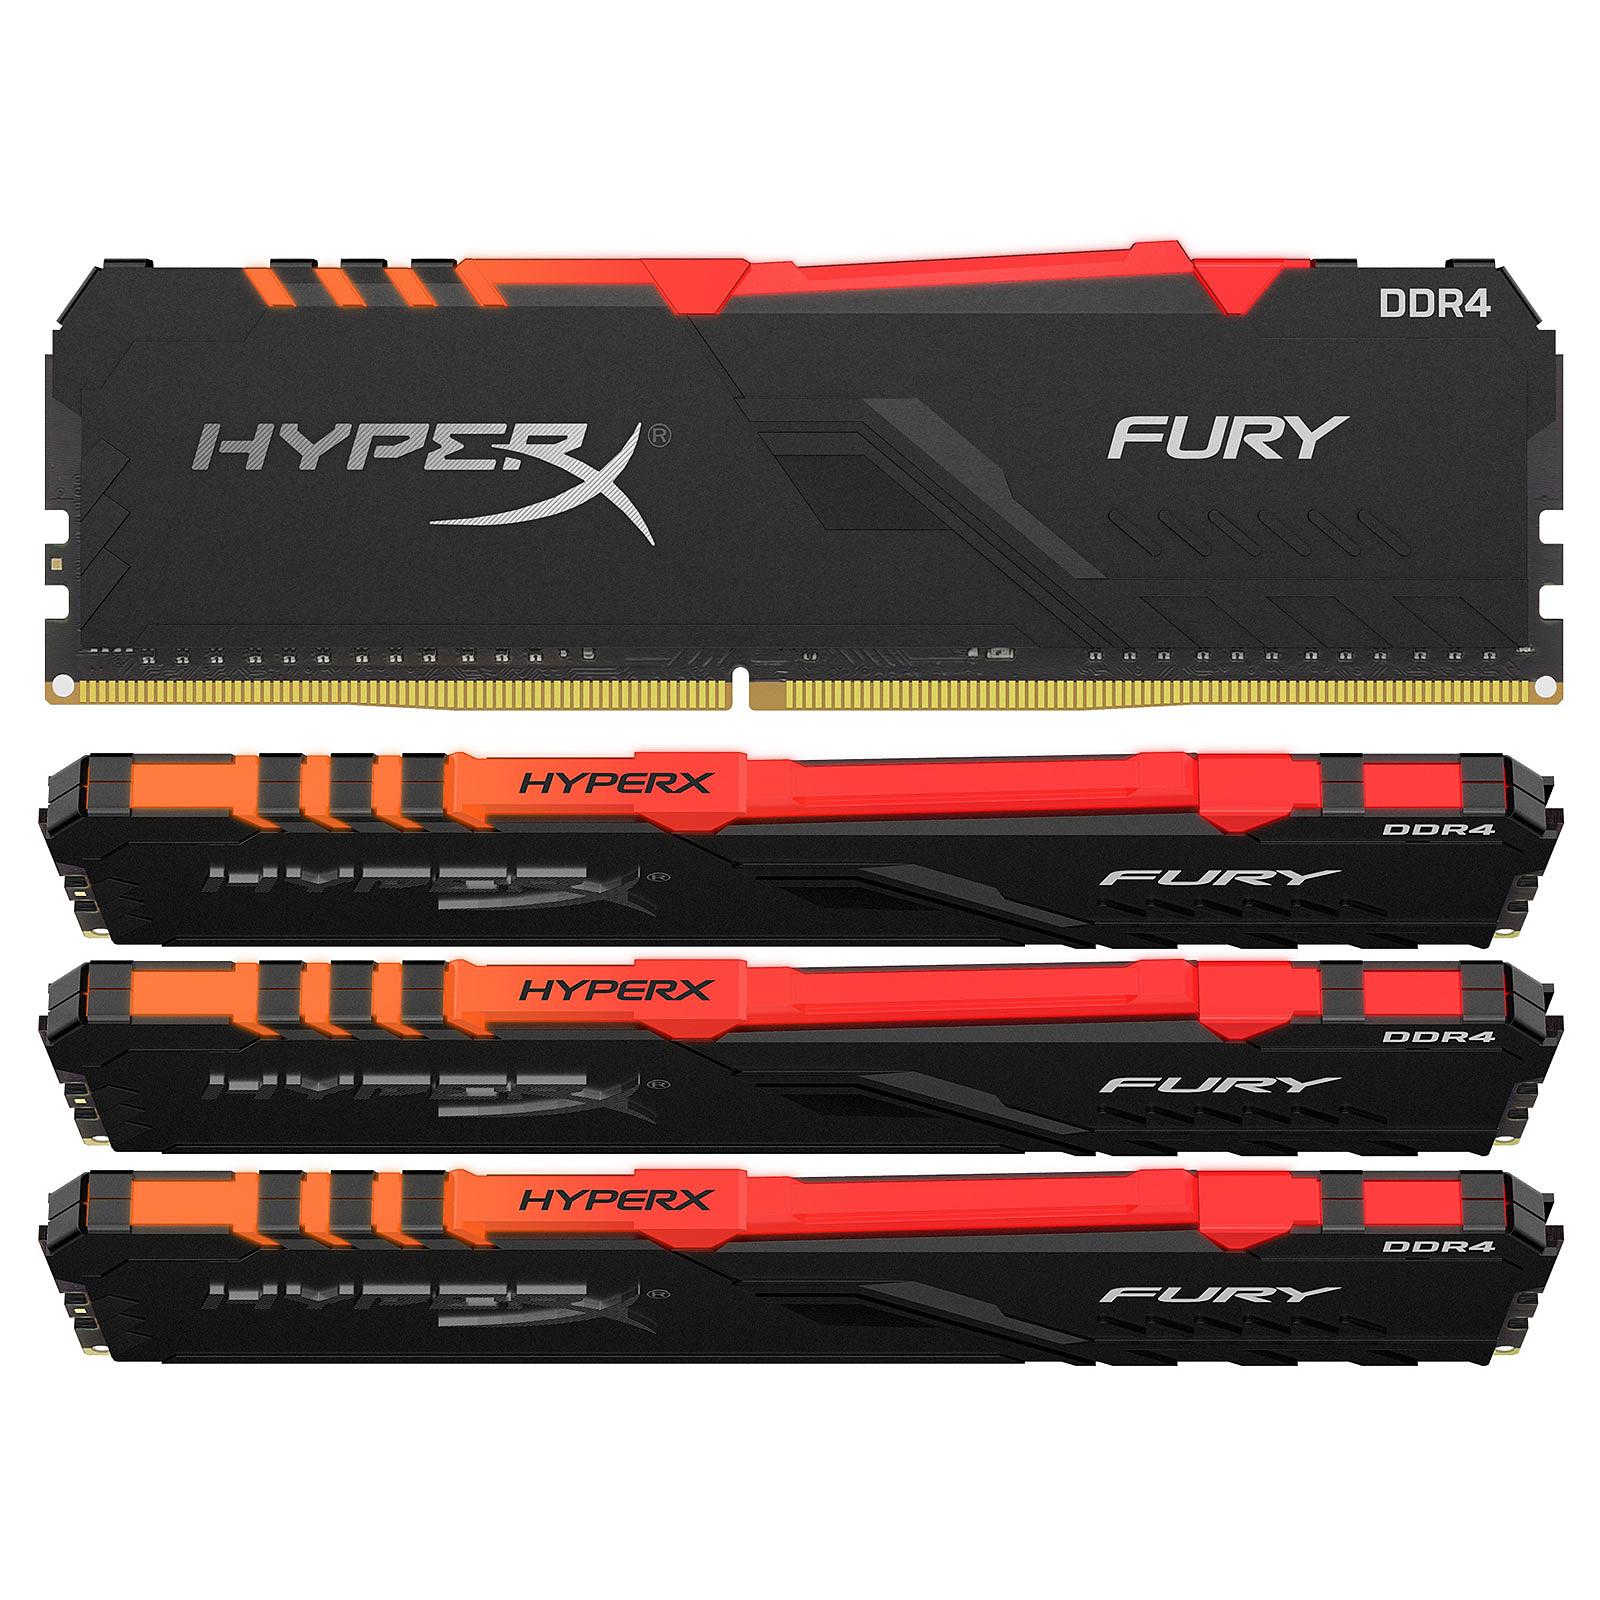 HyperX Fury RGB 64 Go (4x 16 Go) DDR4 3200 MHz CL16